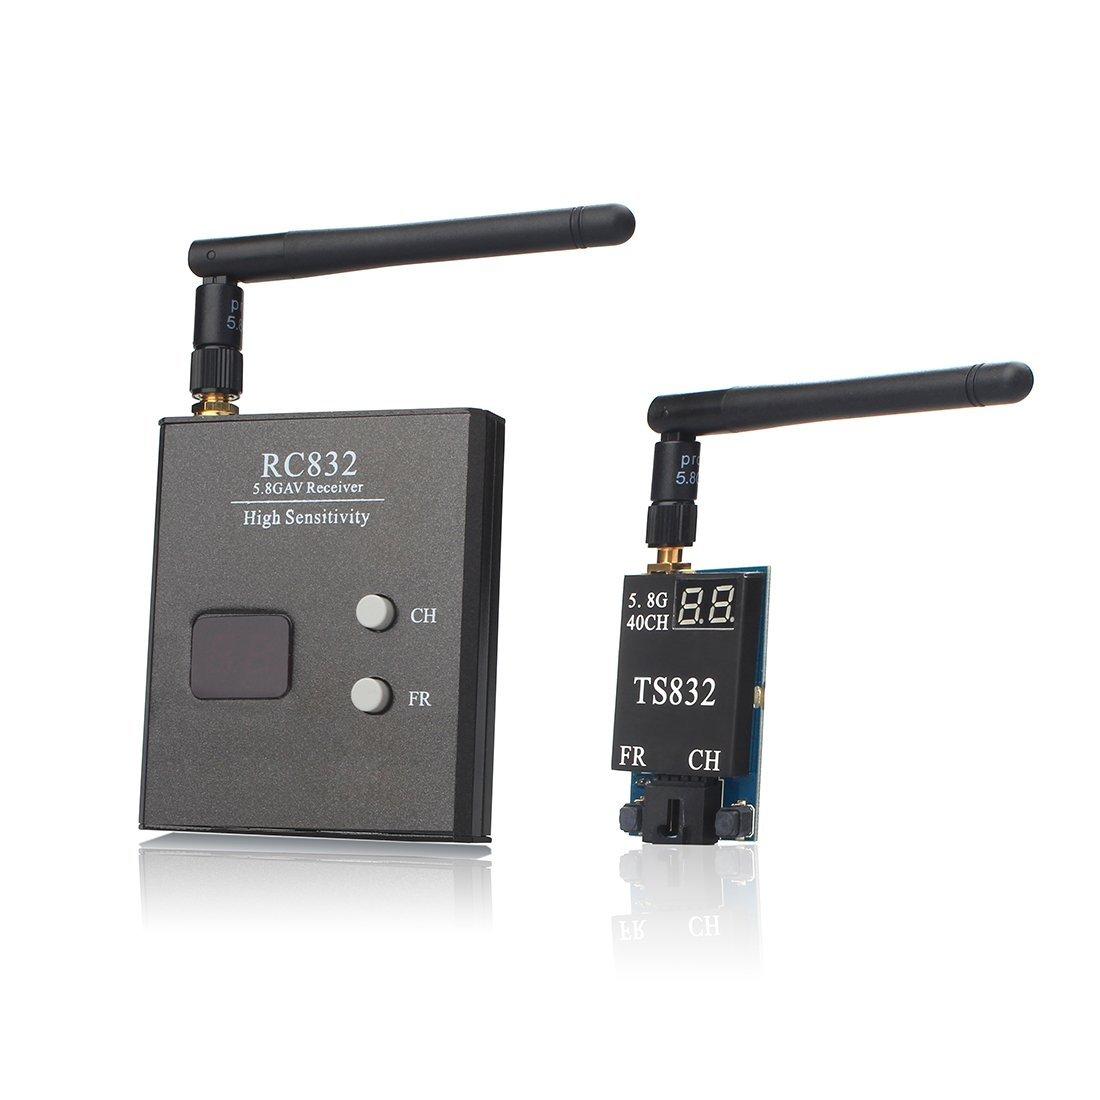 Akk Ts832 + Rc832 5.8g 2000m Rango Fpv Transmisor Y Receptor De Audio Y Video Para Fpv Drone